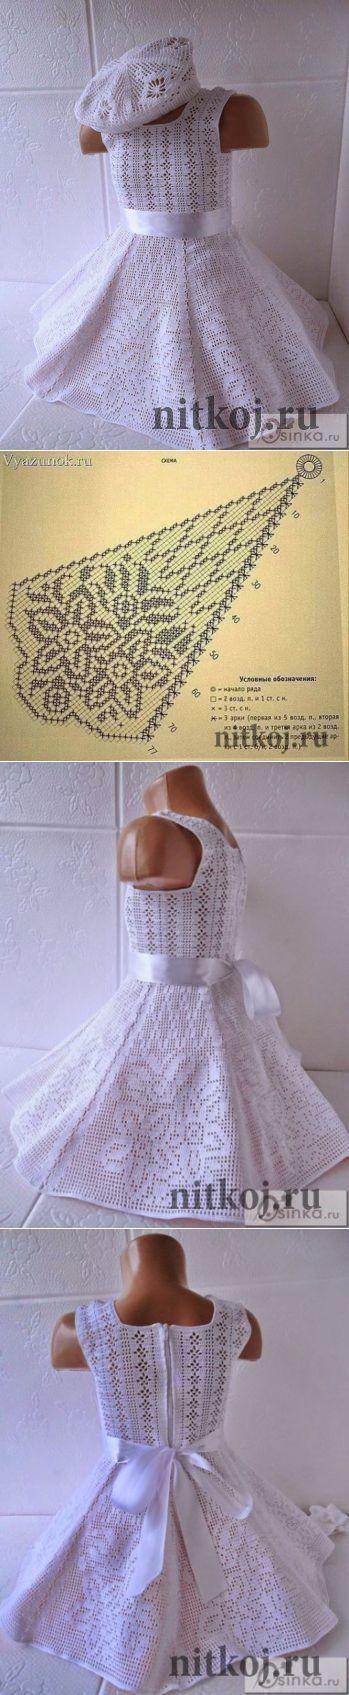 Платье «Маленькая мисс» » Ниткой - вязаные вещи для вашего дома, вязание крючком, вязание спицами, схемы вязания